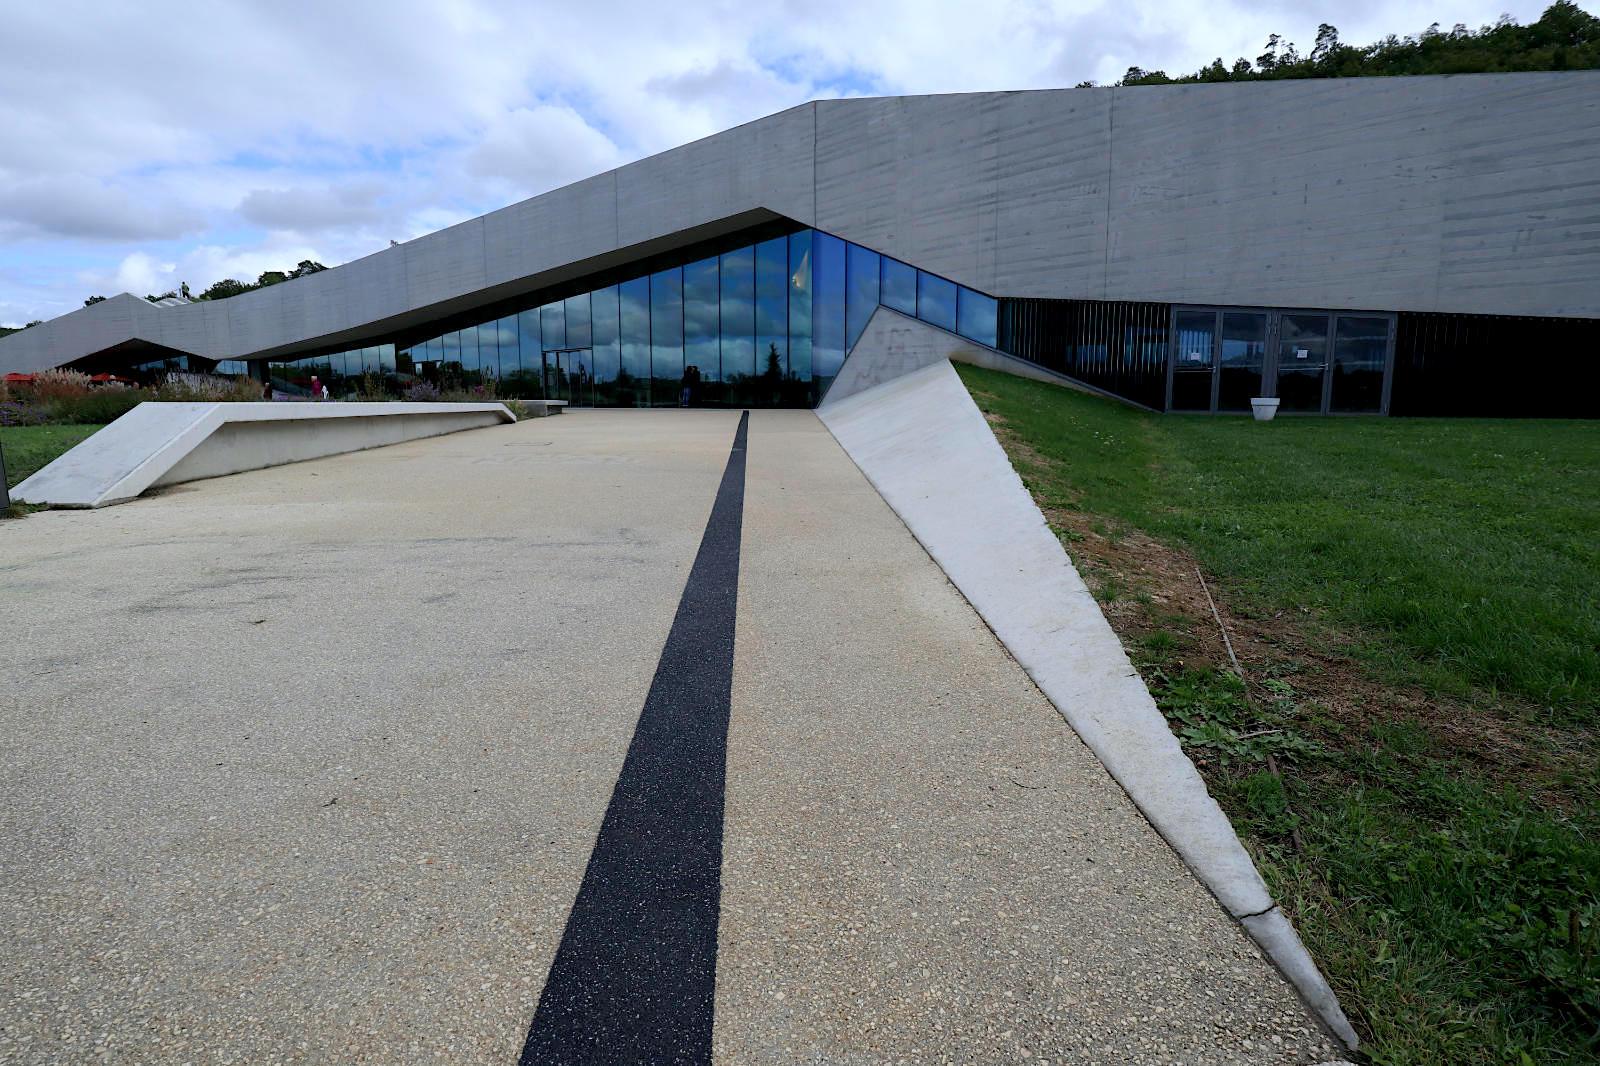 Centre International de l'Art Pariétal. Das Bauwerk scheint wie aus dem Hügel gegraben. Die gläserne Front und der alternierende, breite Betonsturz wirken wie ein stilisiertes Landschaftsmotiv.